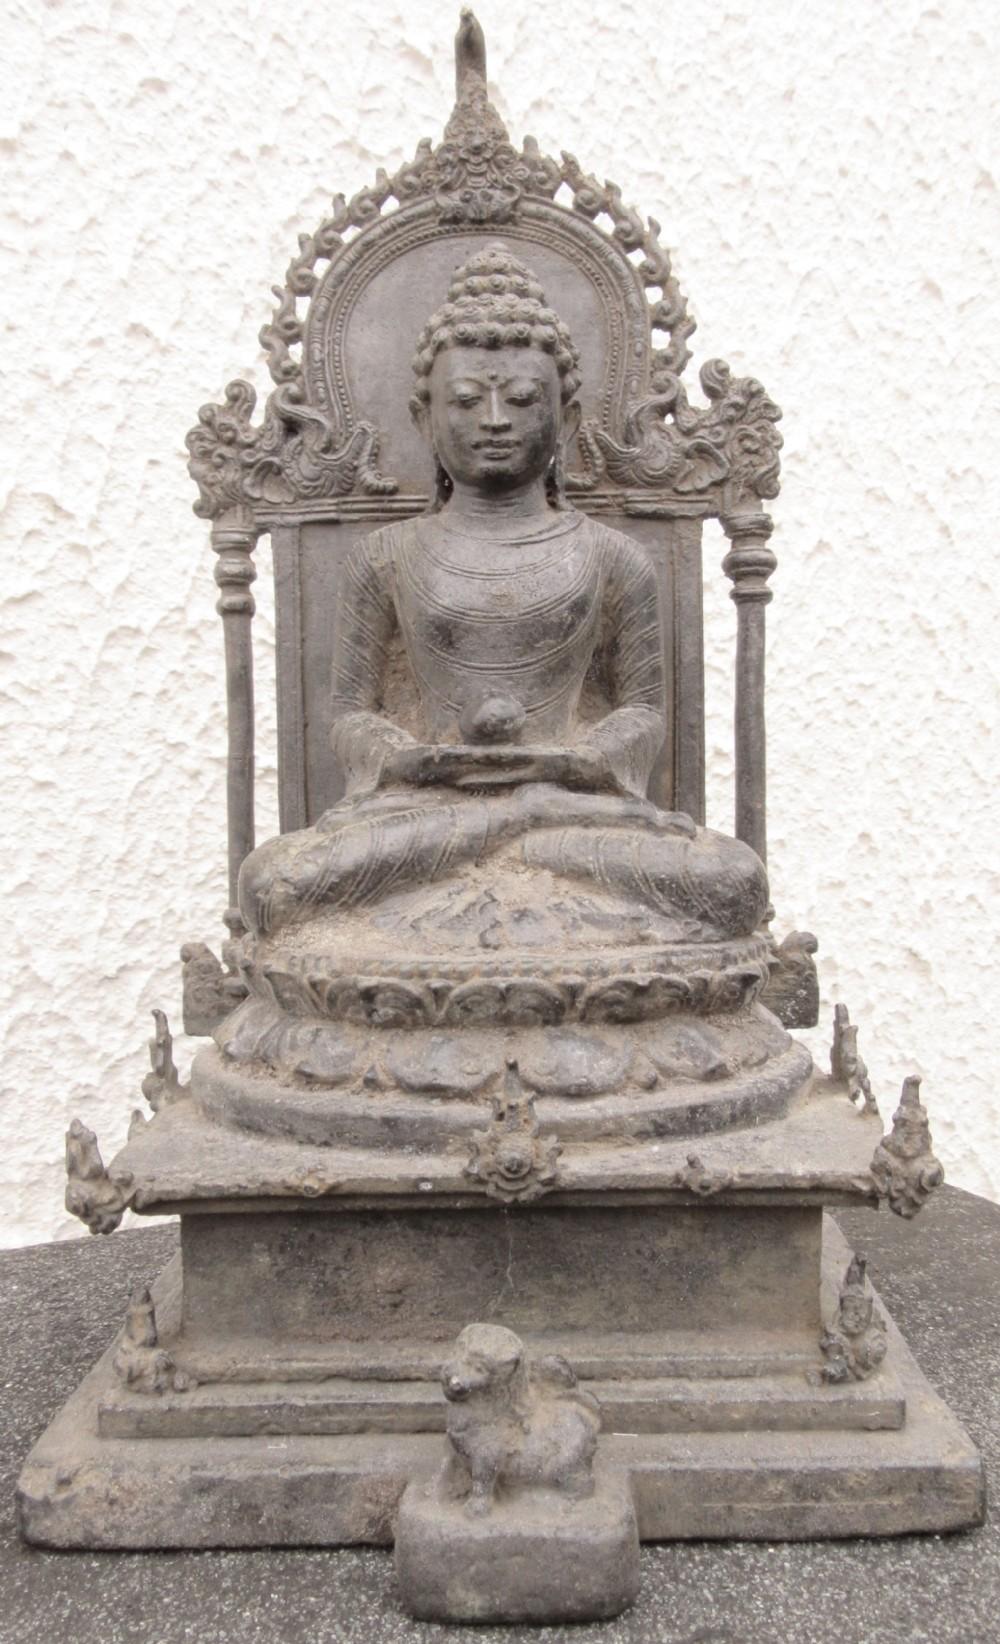 the bronze buddha samantabhadra in amaravati dress 11th century ad